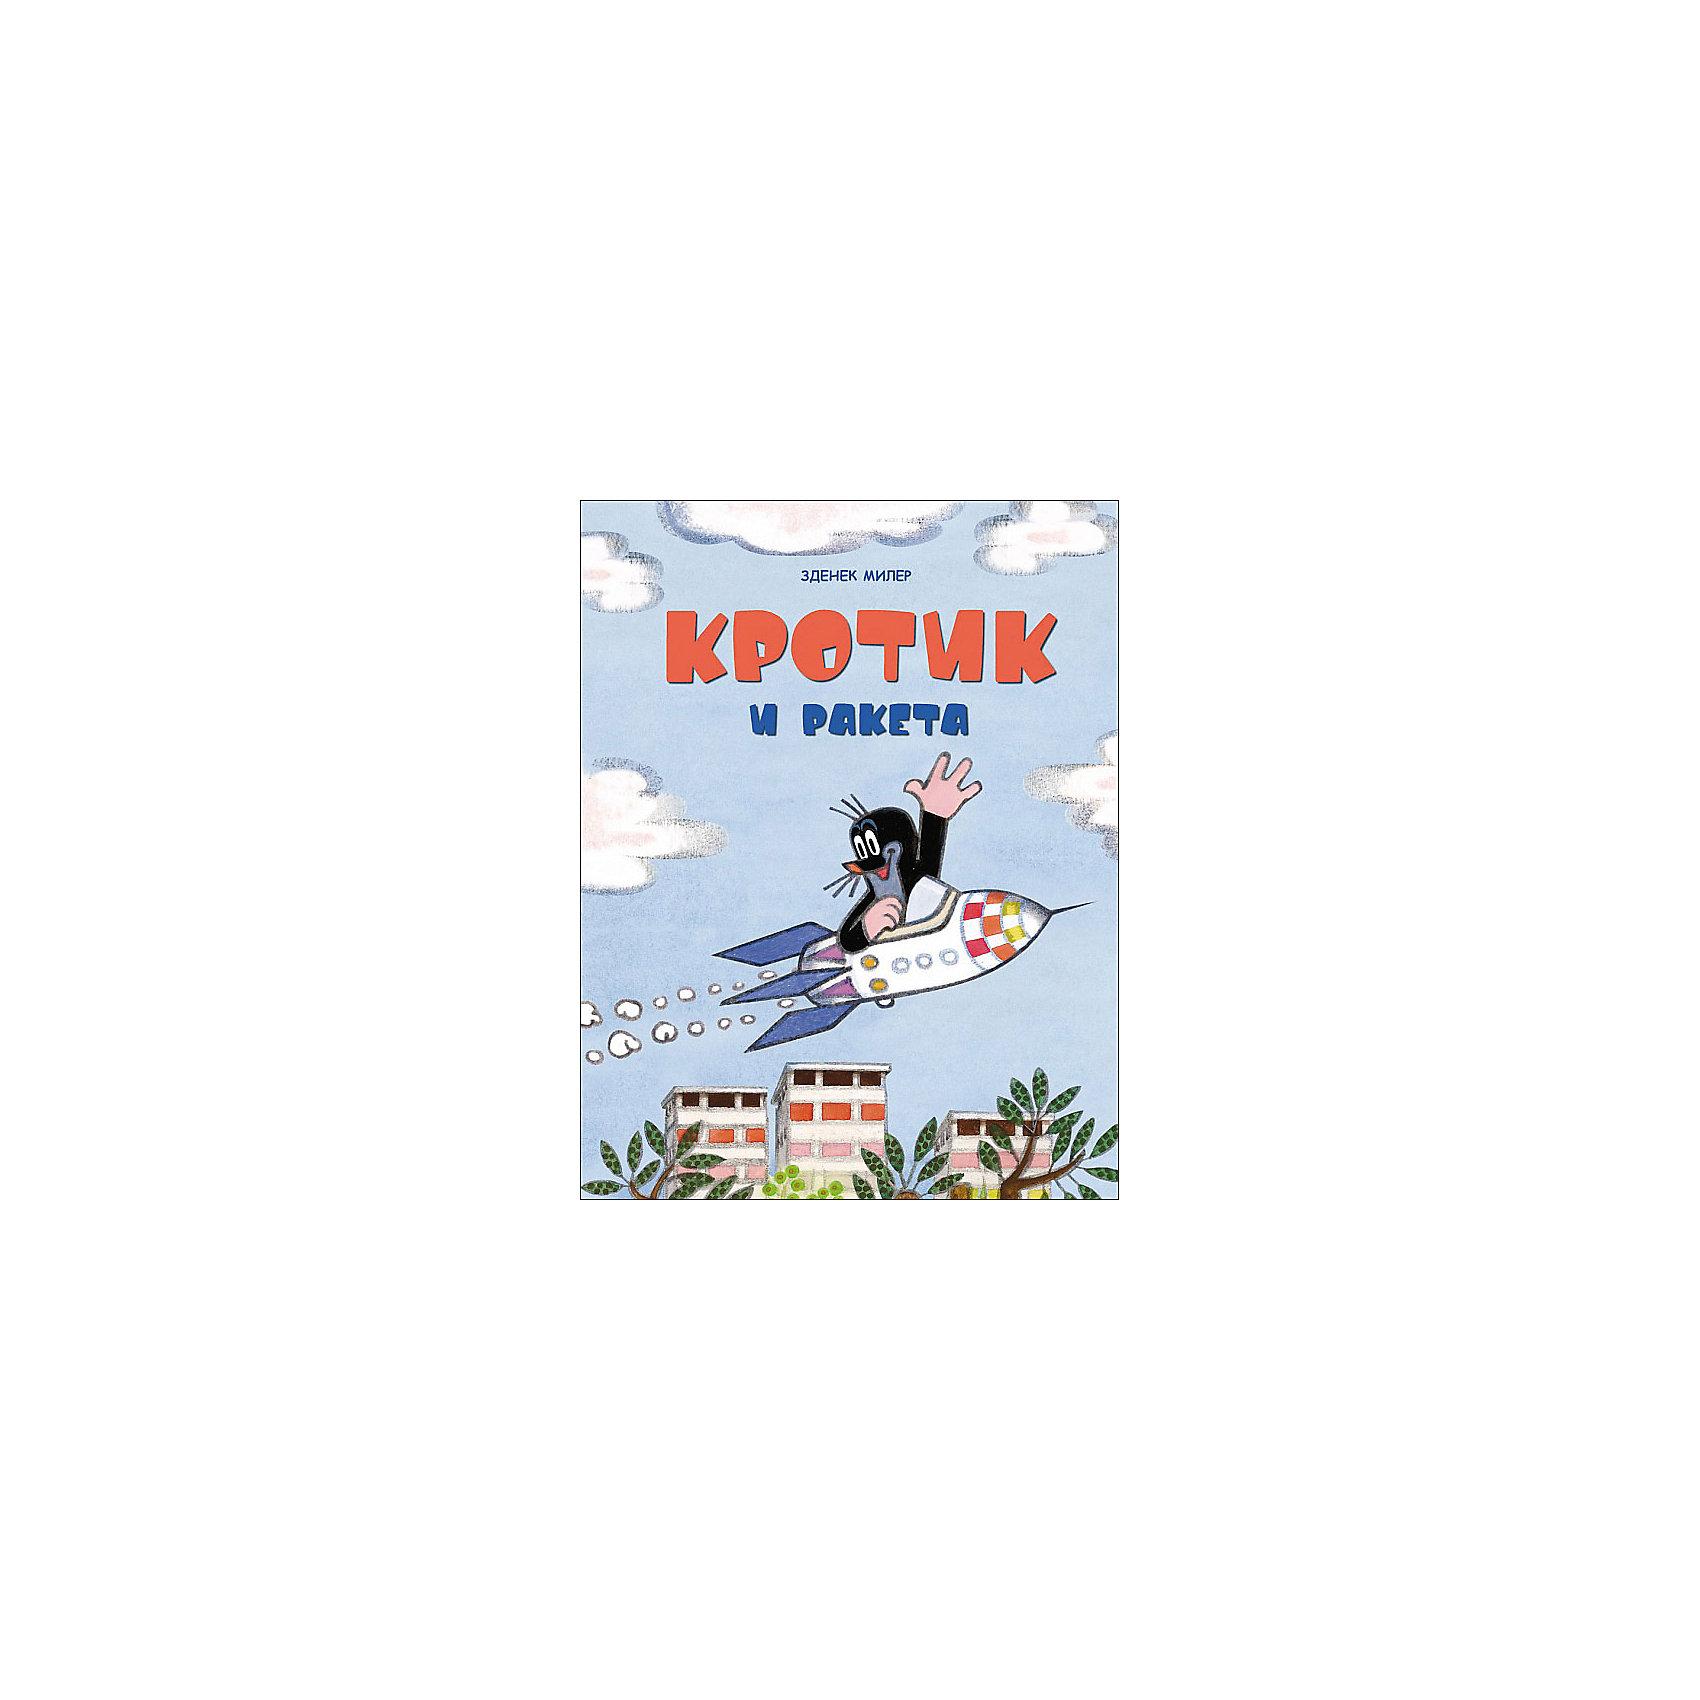 Росмэн Брошюра Кротик и ракета, З. Милер художественные книги росмэн книга кротик любимые истории